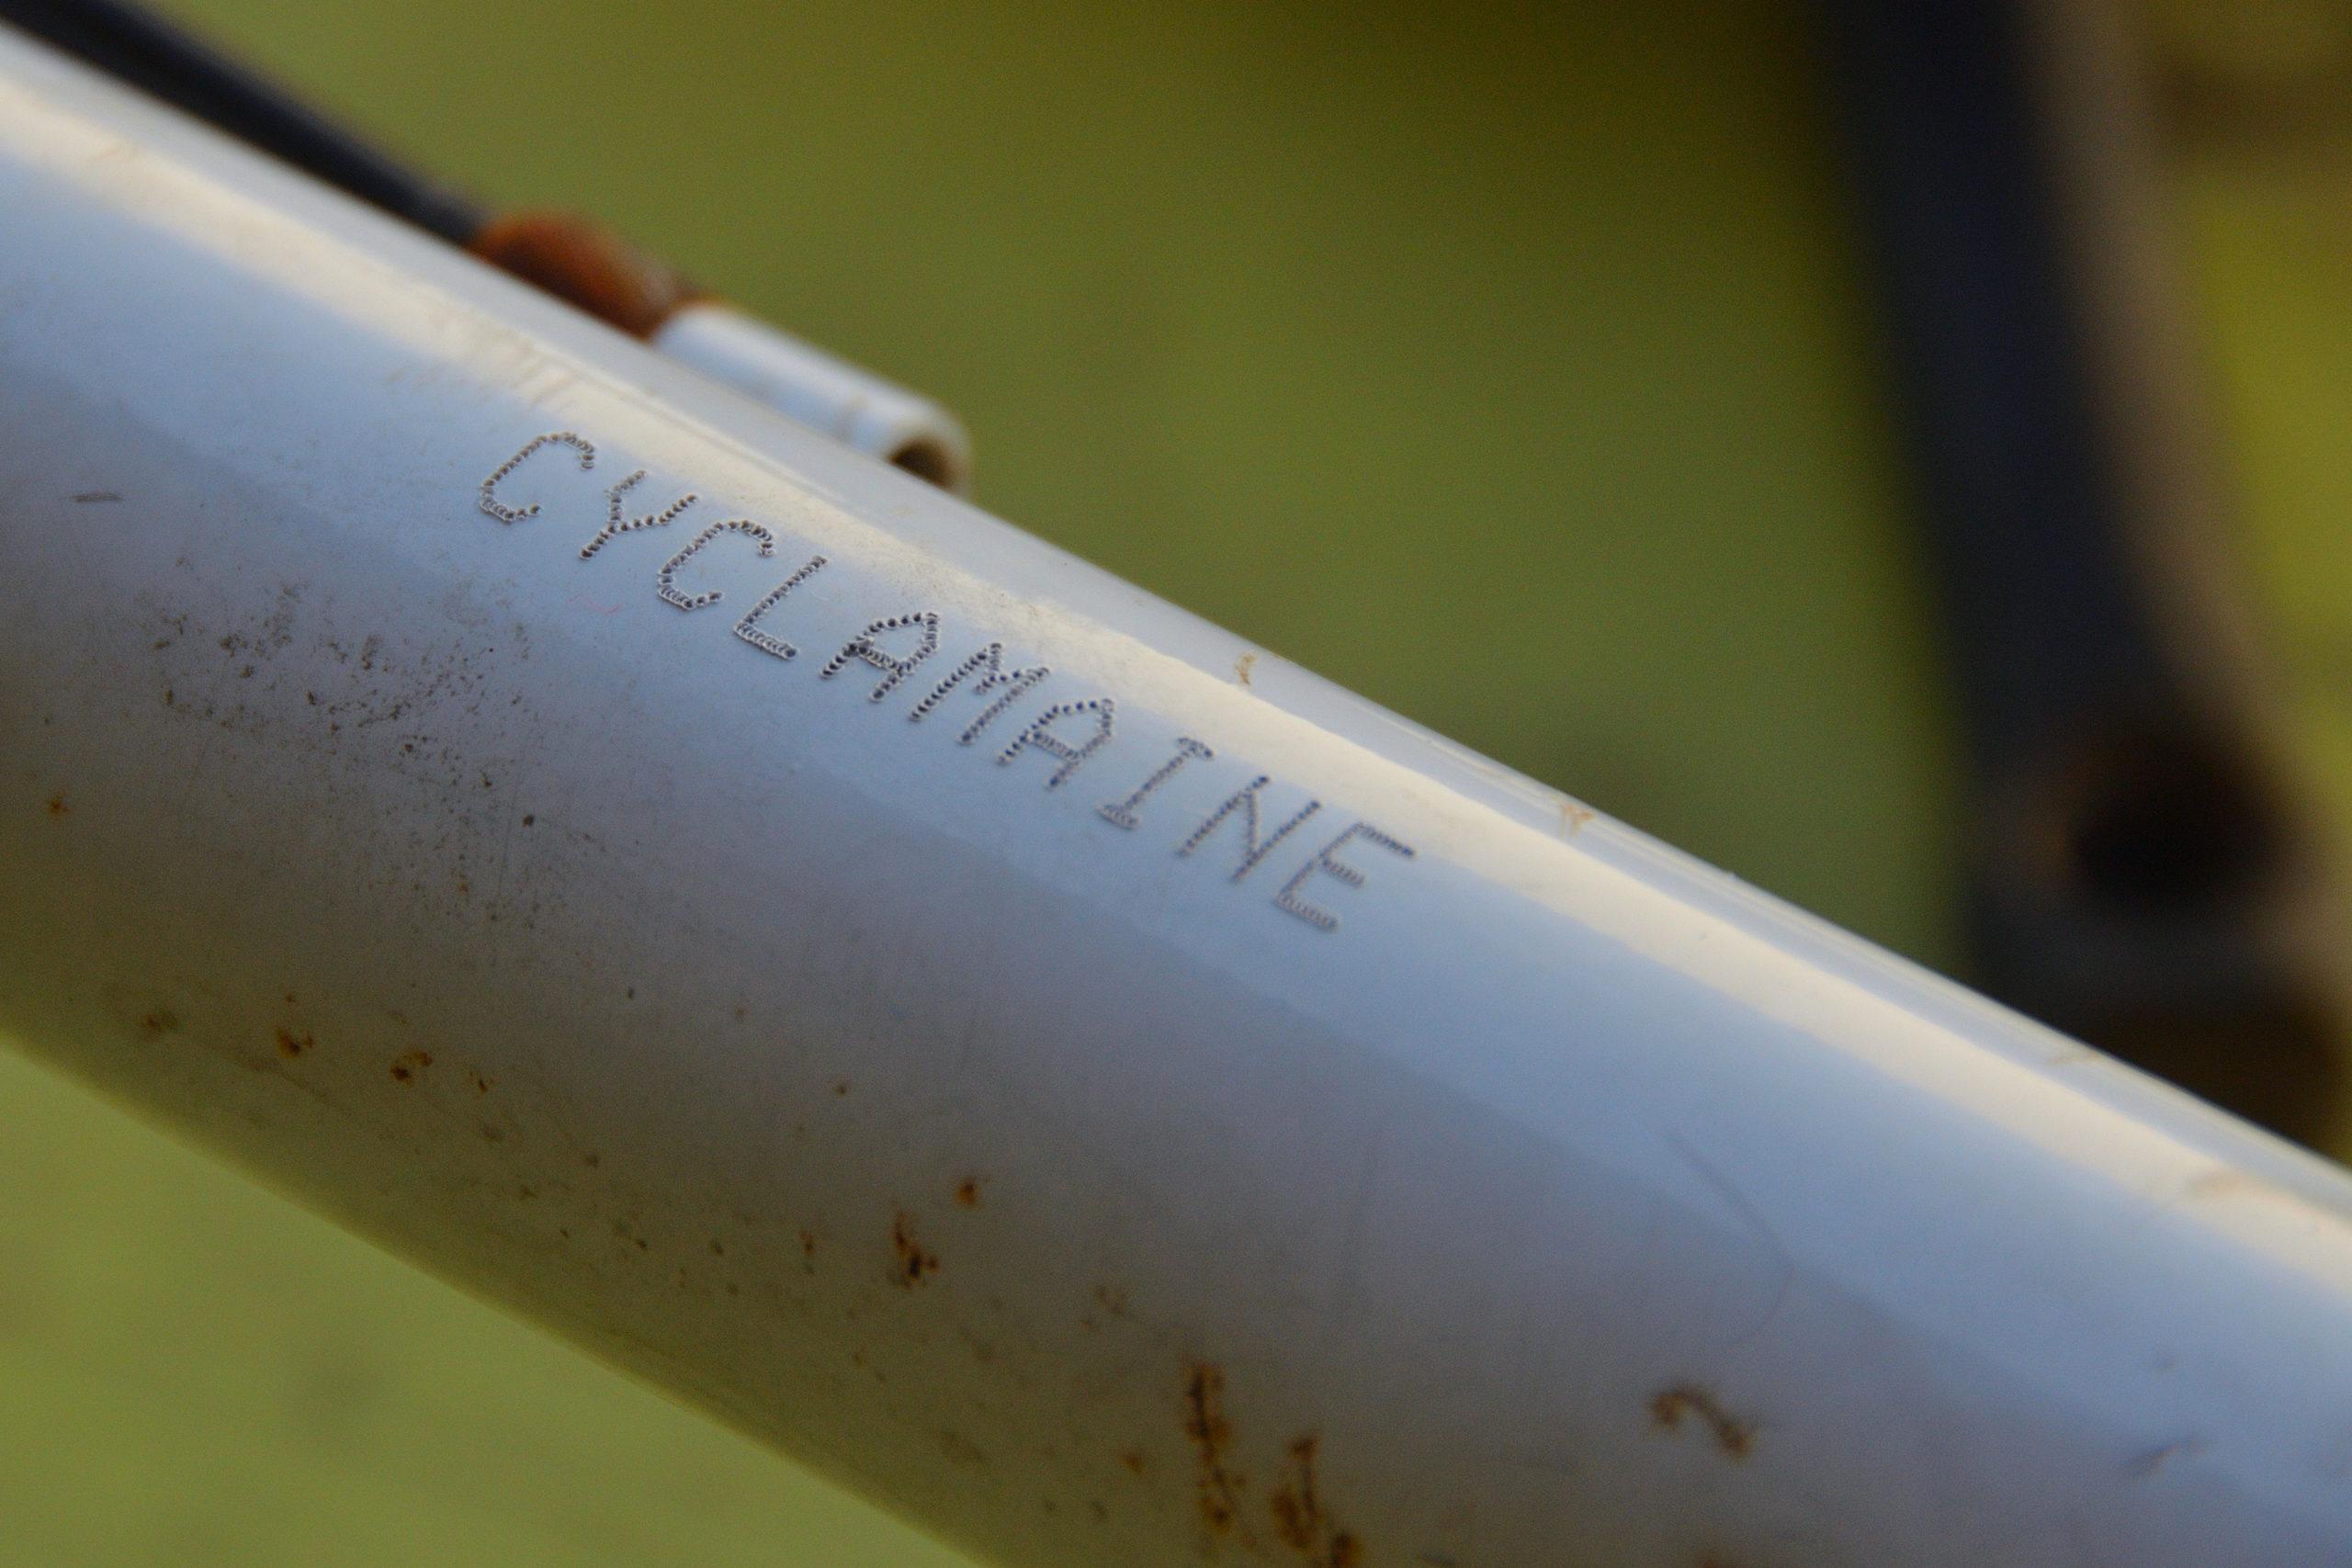 Marquage Bicycode à l'atelier Cyclamaine